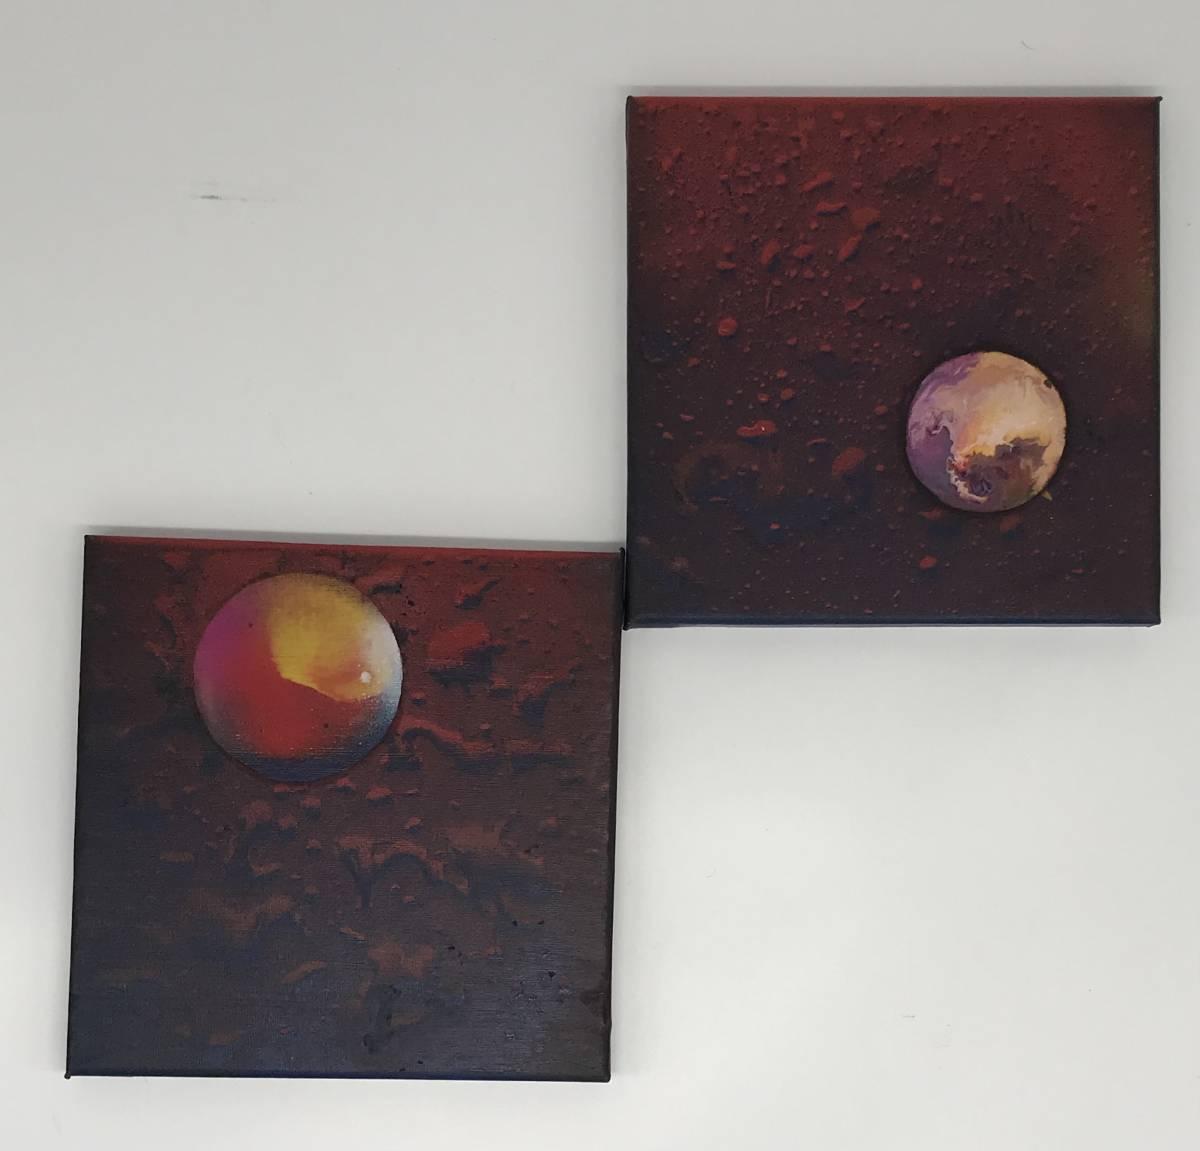 'Irgendwo im Weltall, 2 x Bilder, 20x20' von  Tatjana Bauer